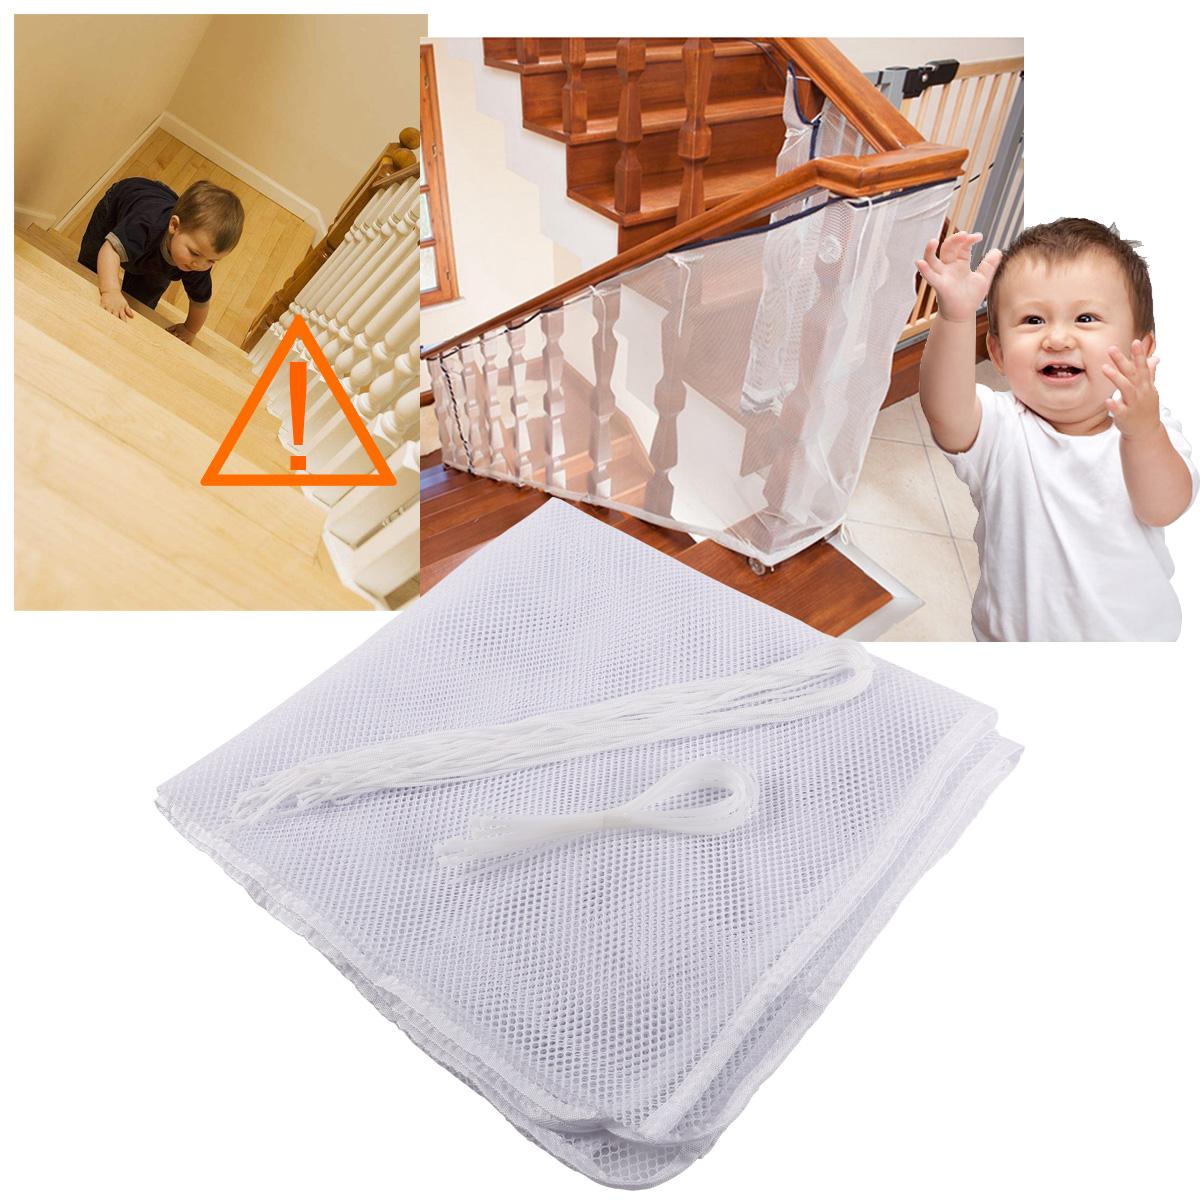 3m filet balcon escalier protection b b enfant s curit filet rampe balustrade ebay. Black Bedroom Furniture Sets. Home Design Ideas